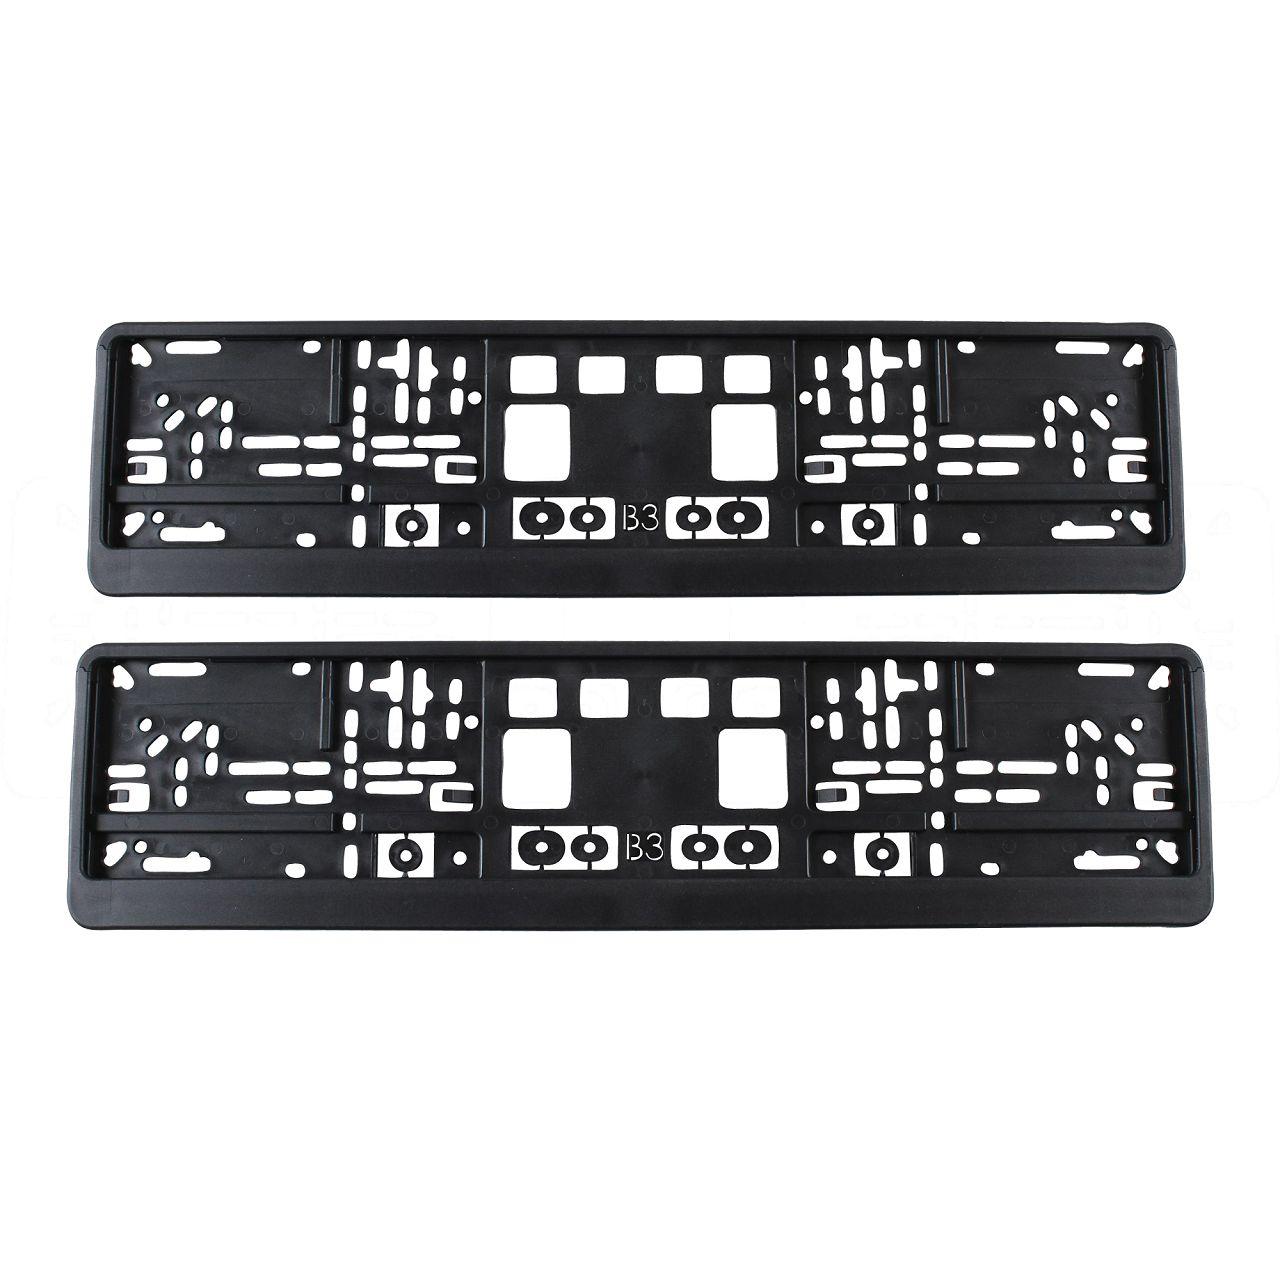 2x Kennzeichenhalter Nummernschildhalter Wechselkennzeichen MERKUR SCHWARZ 520mm